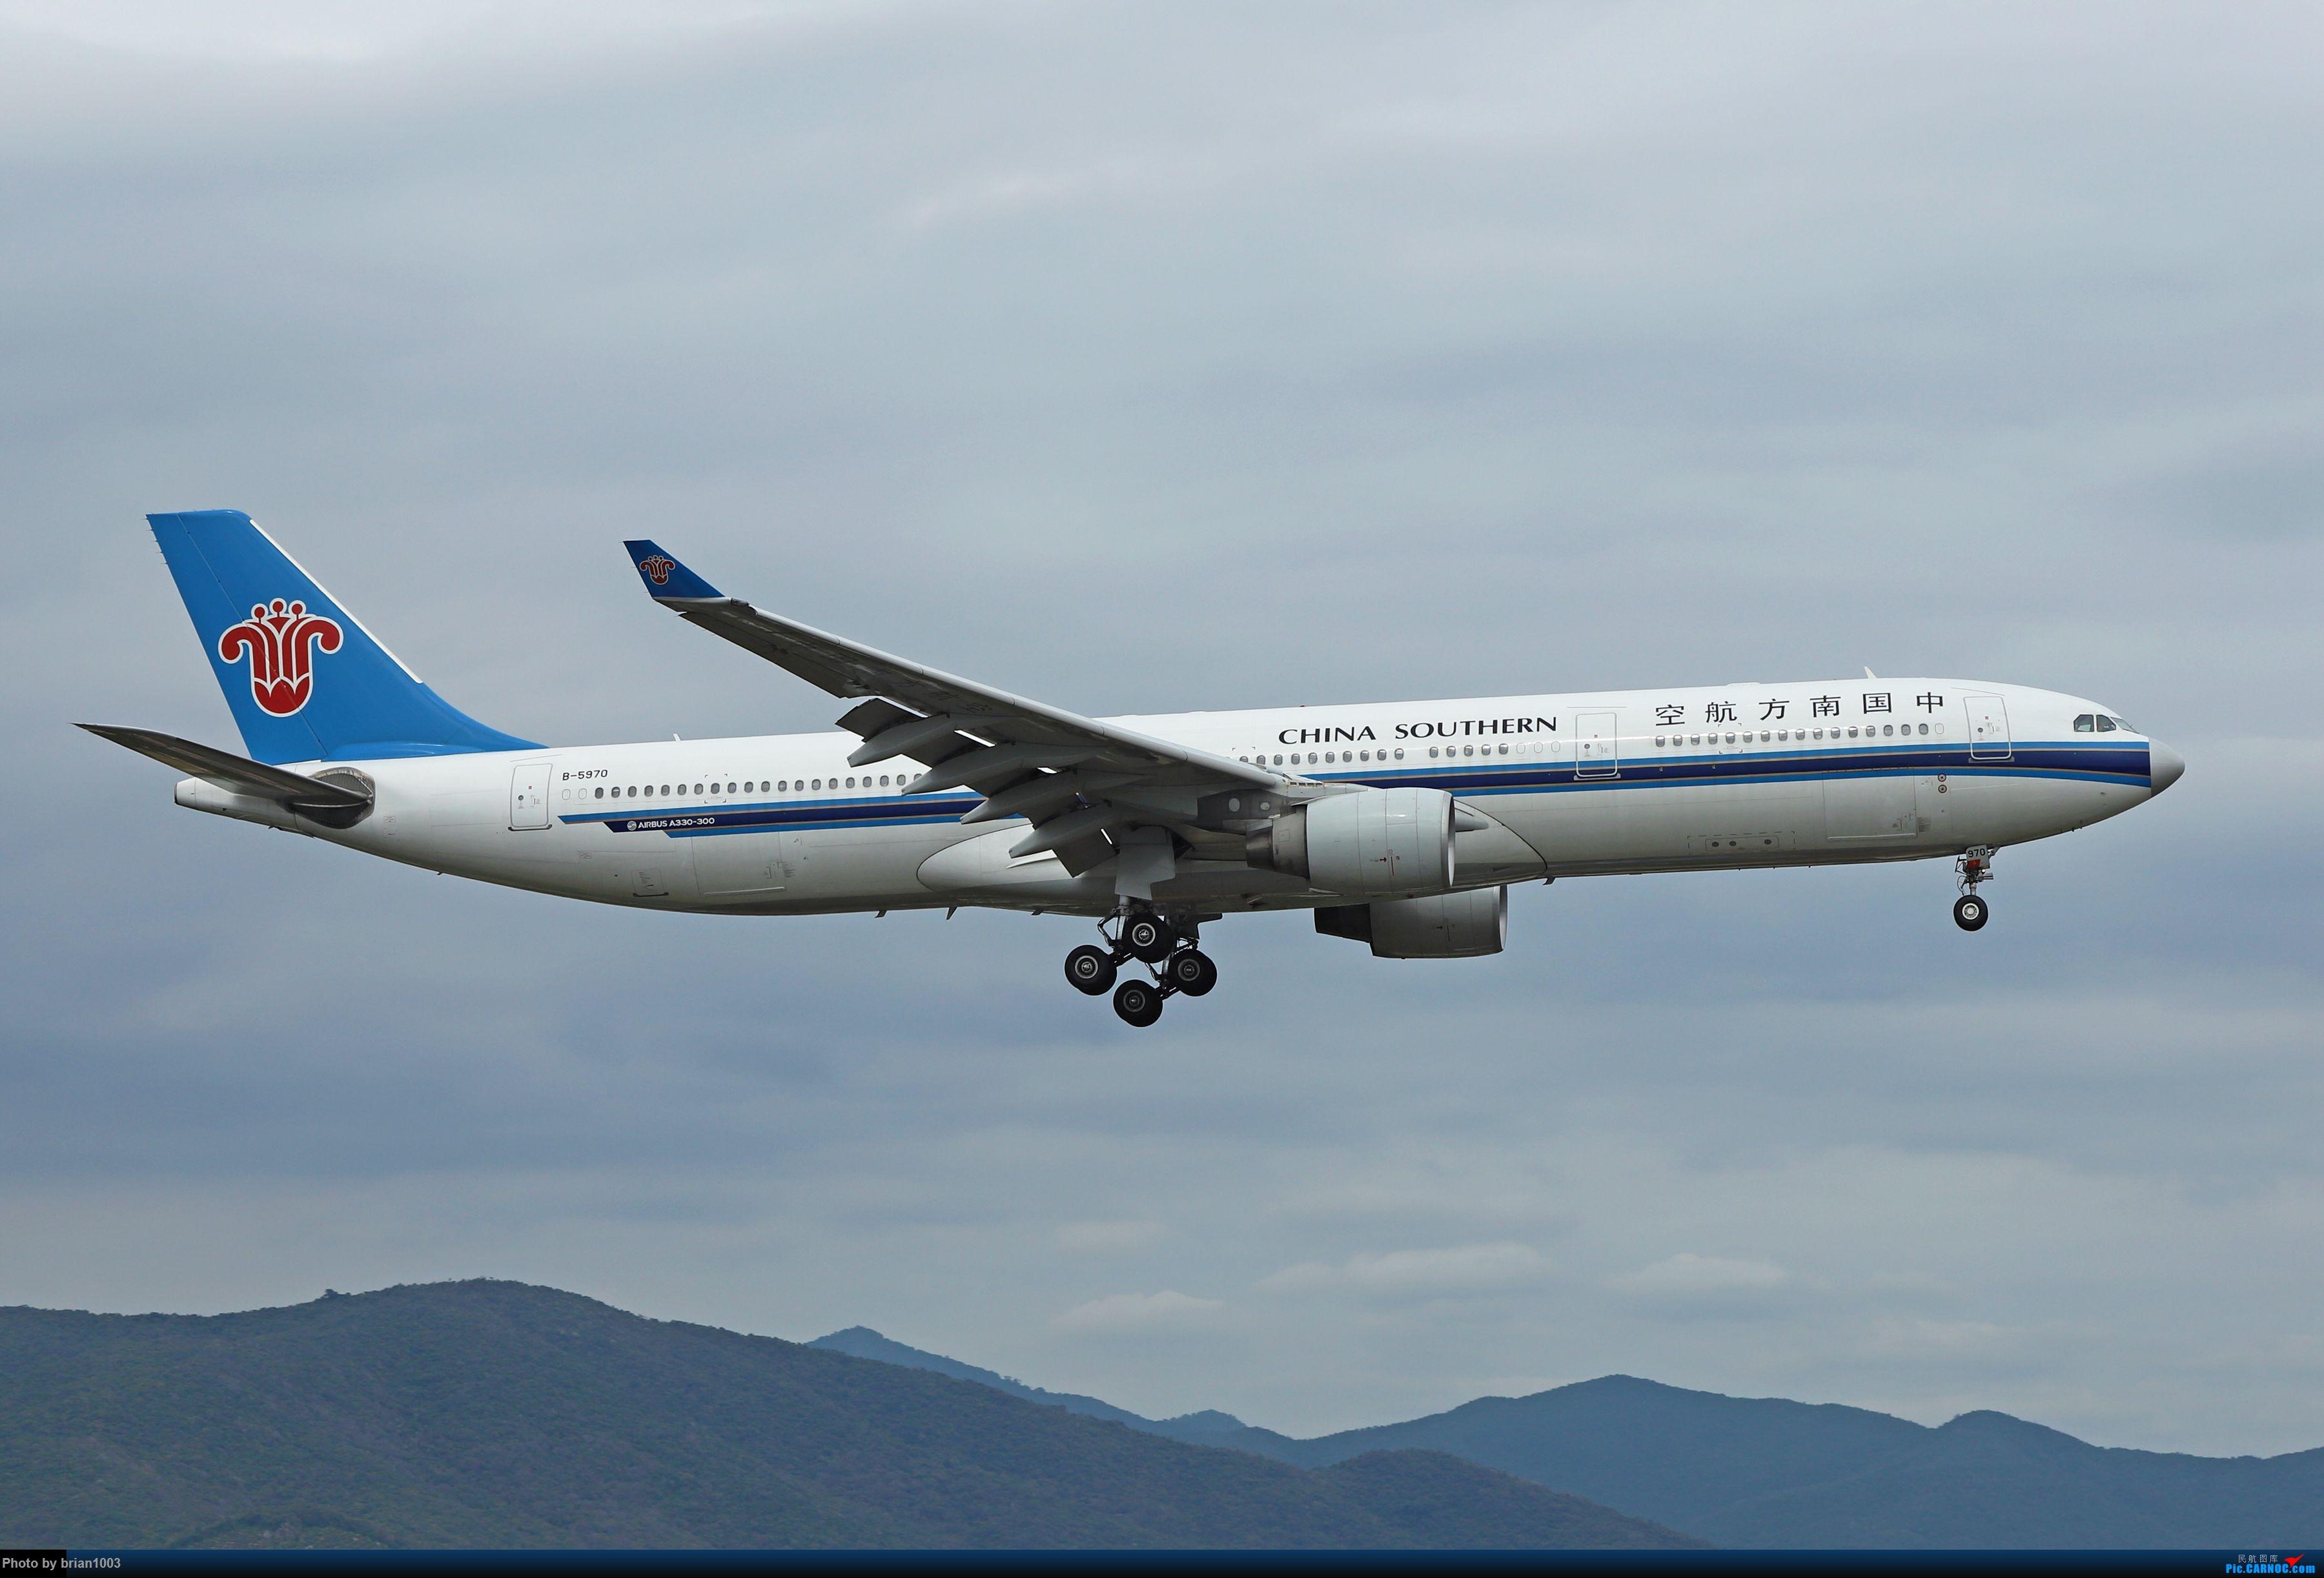 Re:[原创]CZ3347-CZ6734-HU7659,忙里偷闲的三亚拍机之行 AIRBUS A330-300 B-5970 中国三亚凤凰国际机场